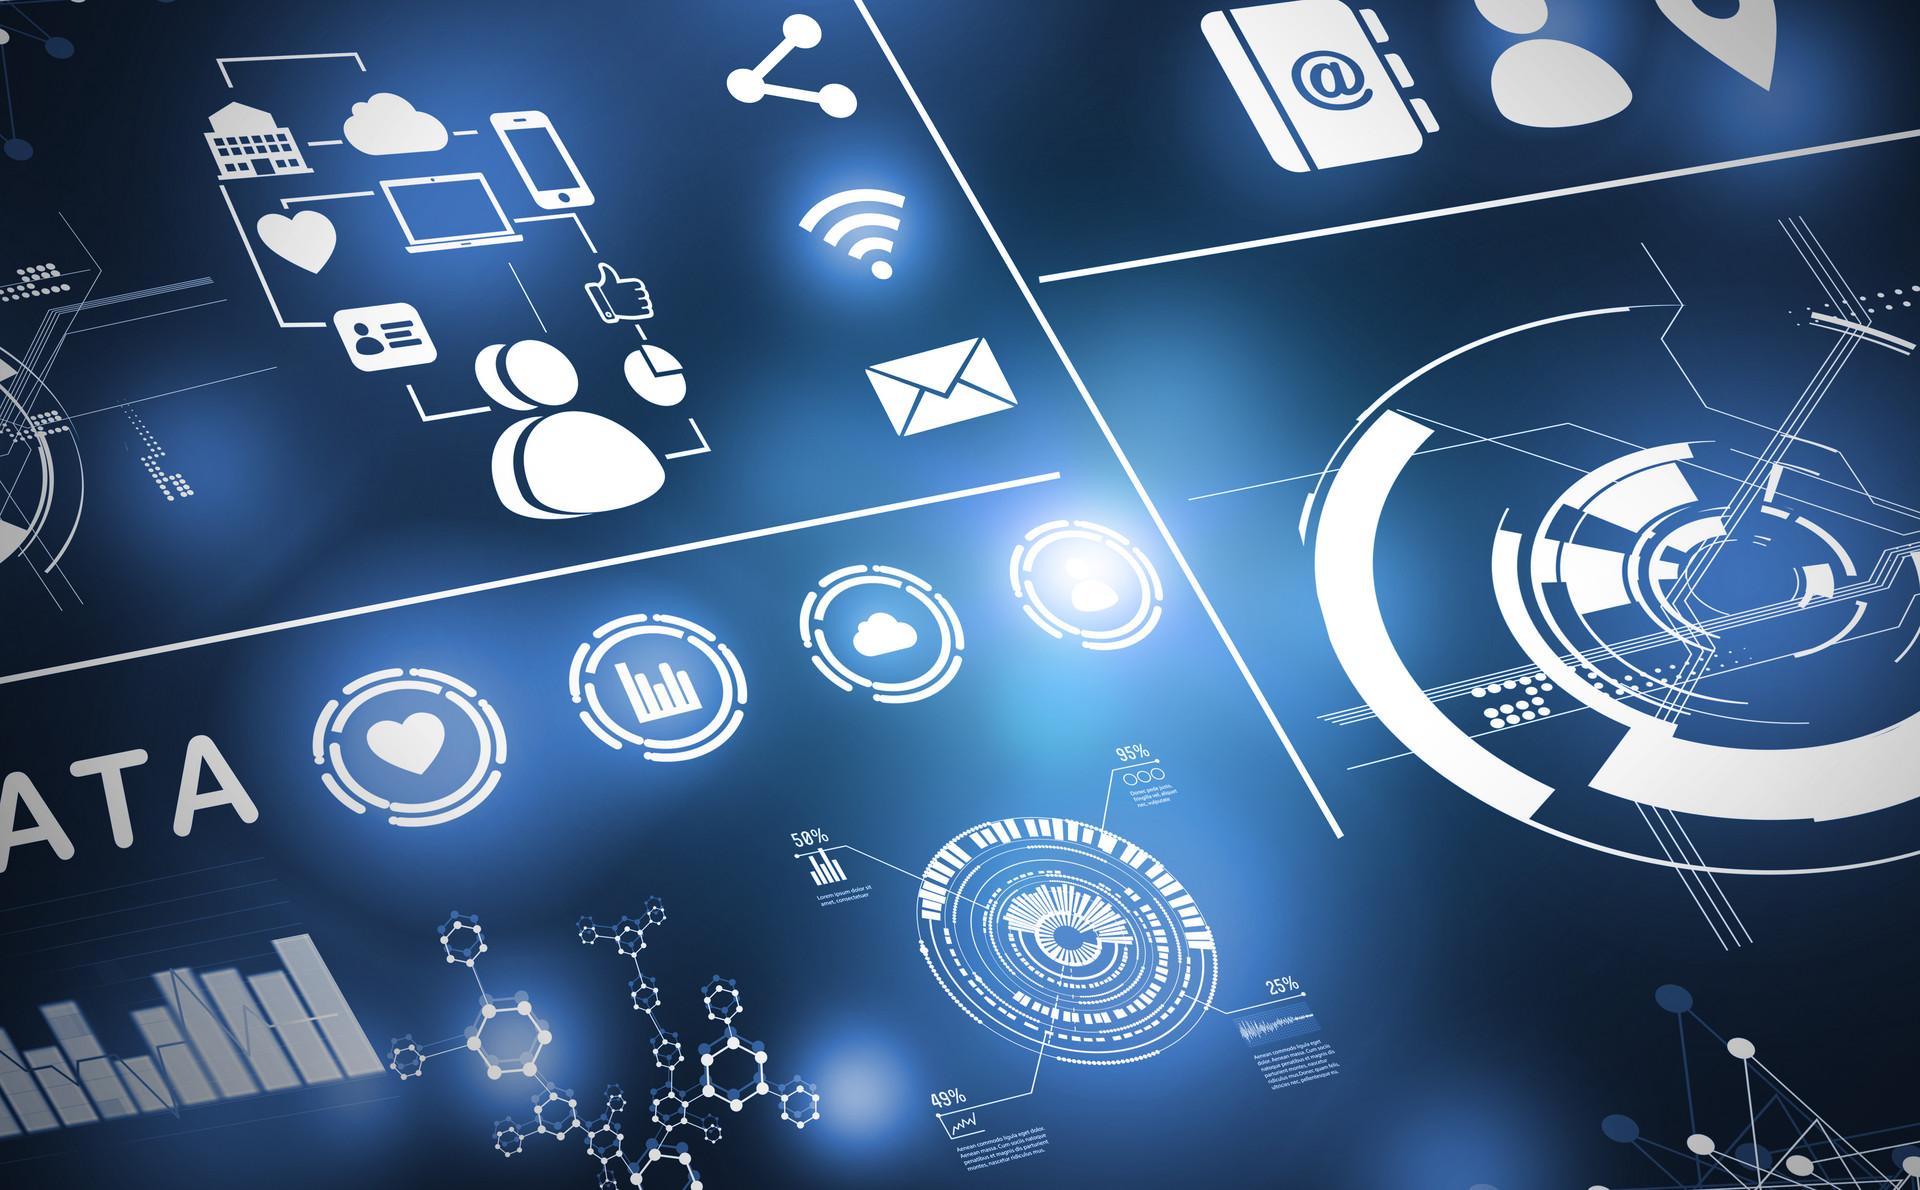 青岛大力推动数字化改造传统产业 赋能高质量发展